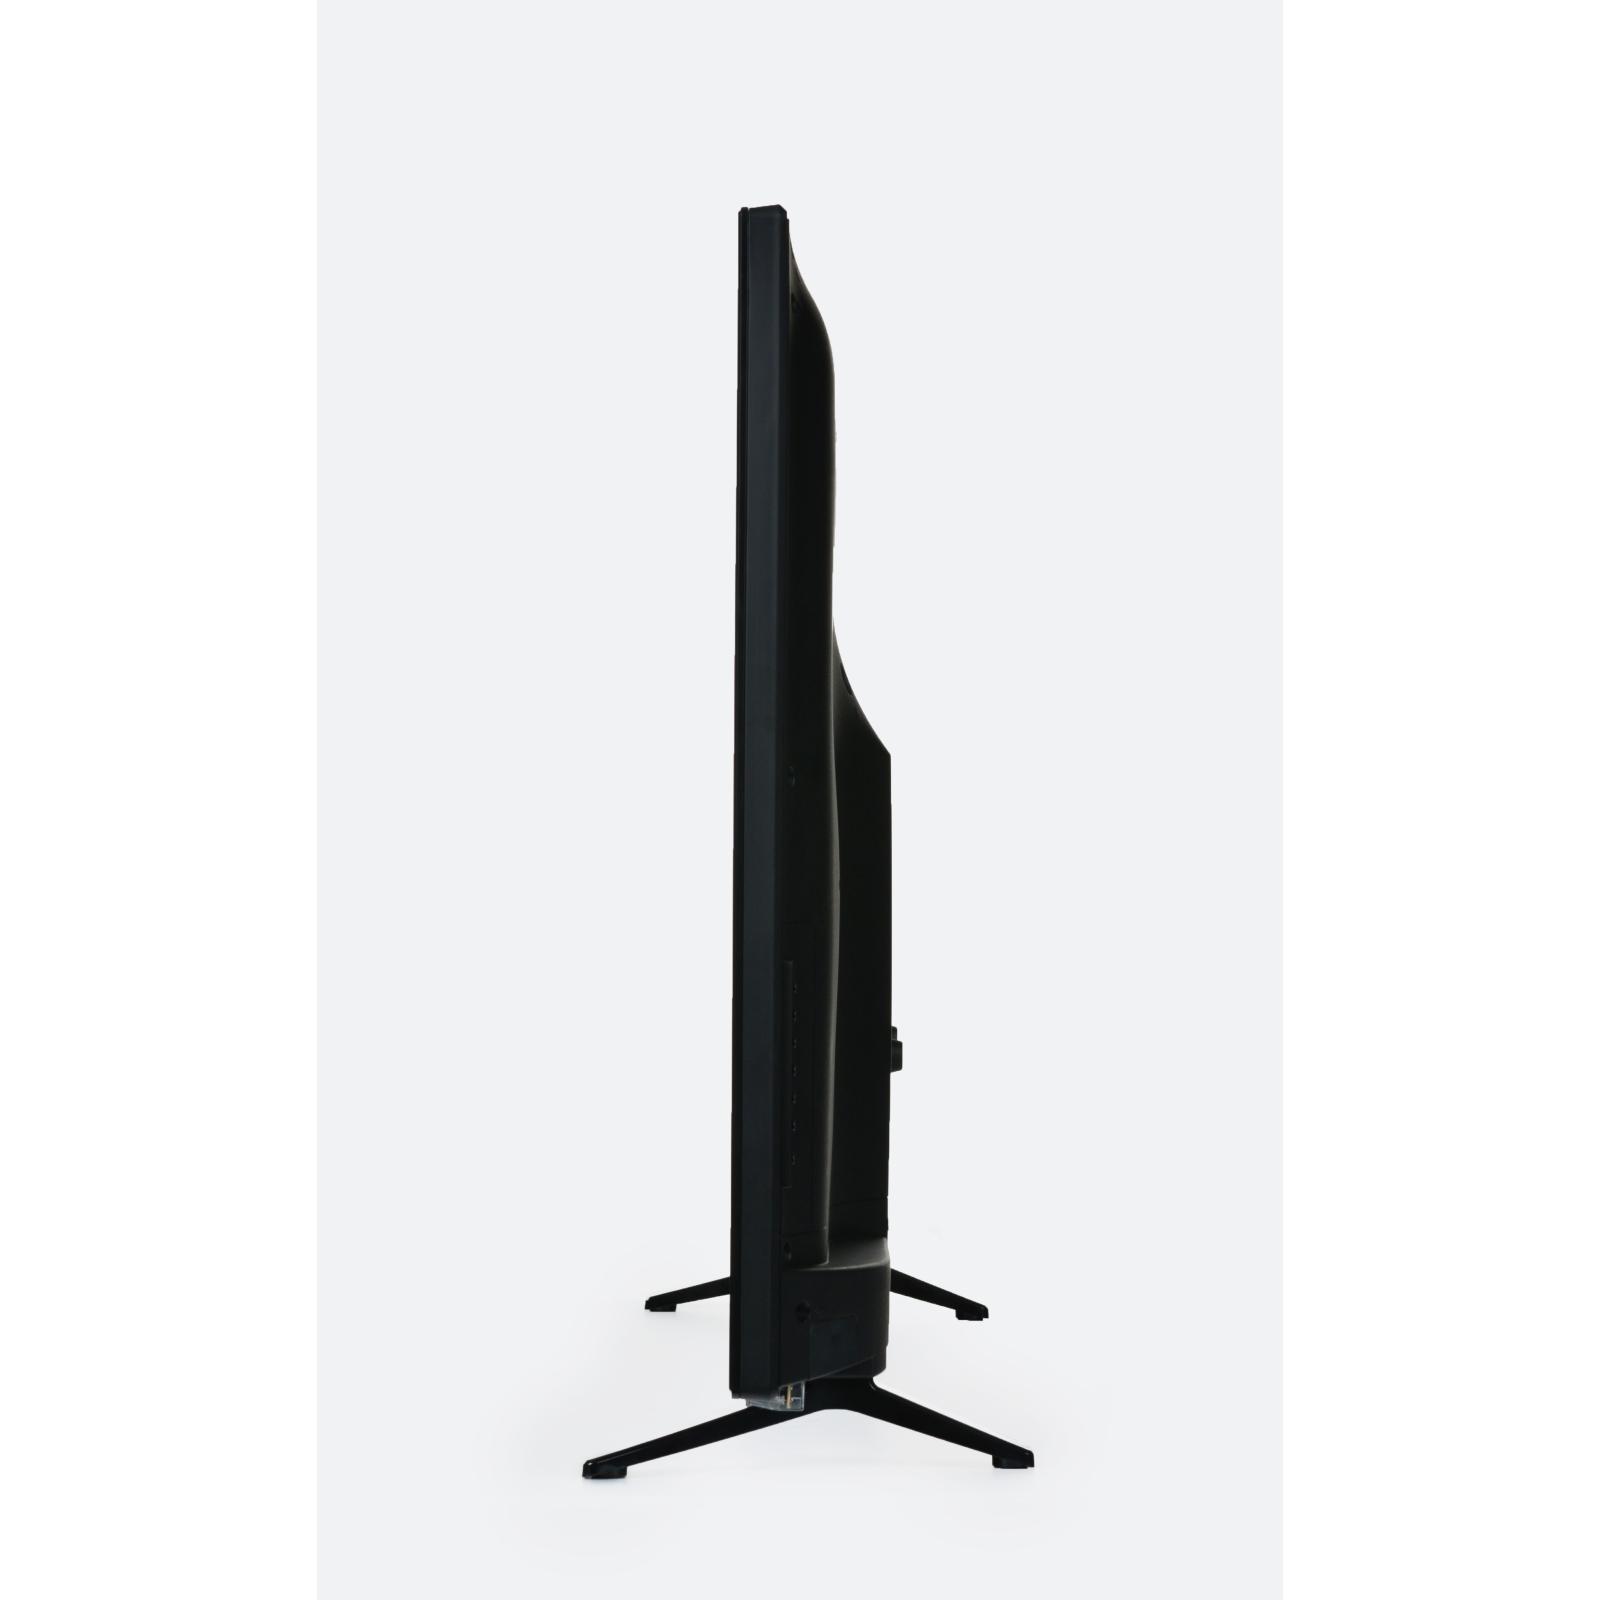 Телевизор Vinga L32HD20B изображение 5